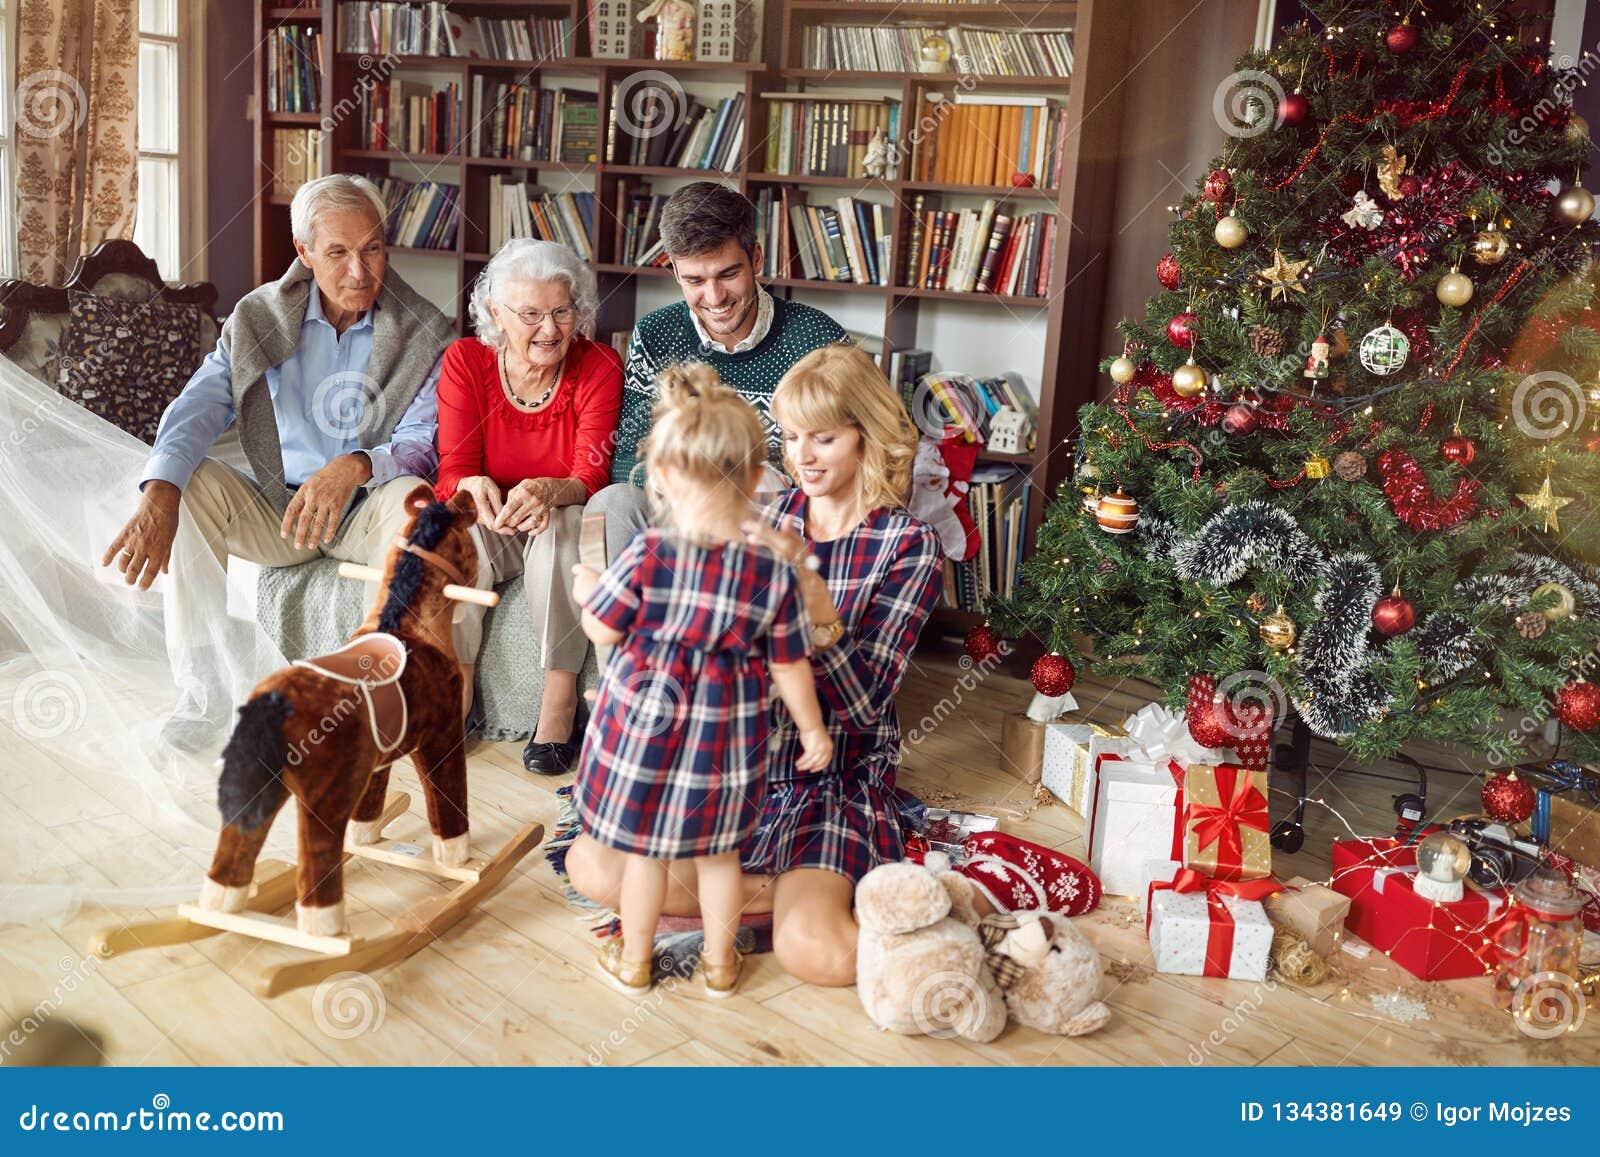 Εύθυμοι γονείς με τους παππούδες και γιαγιάδες και το μικρό κορίτσι μαζί για τα Χριστούγεννα